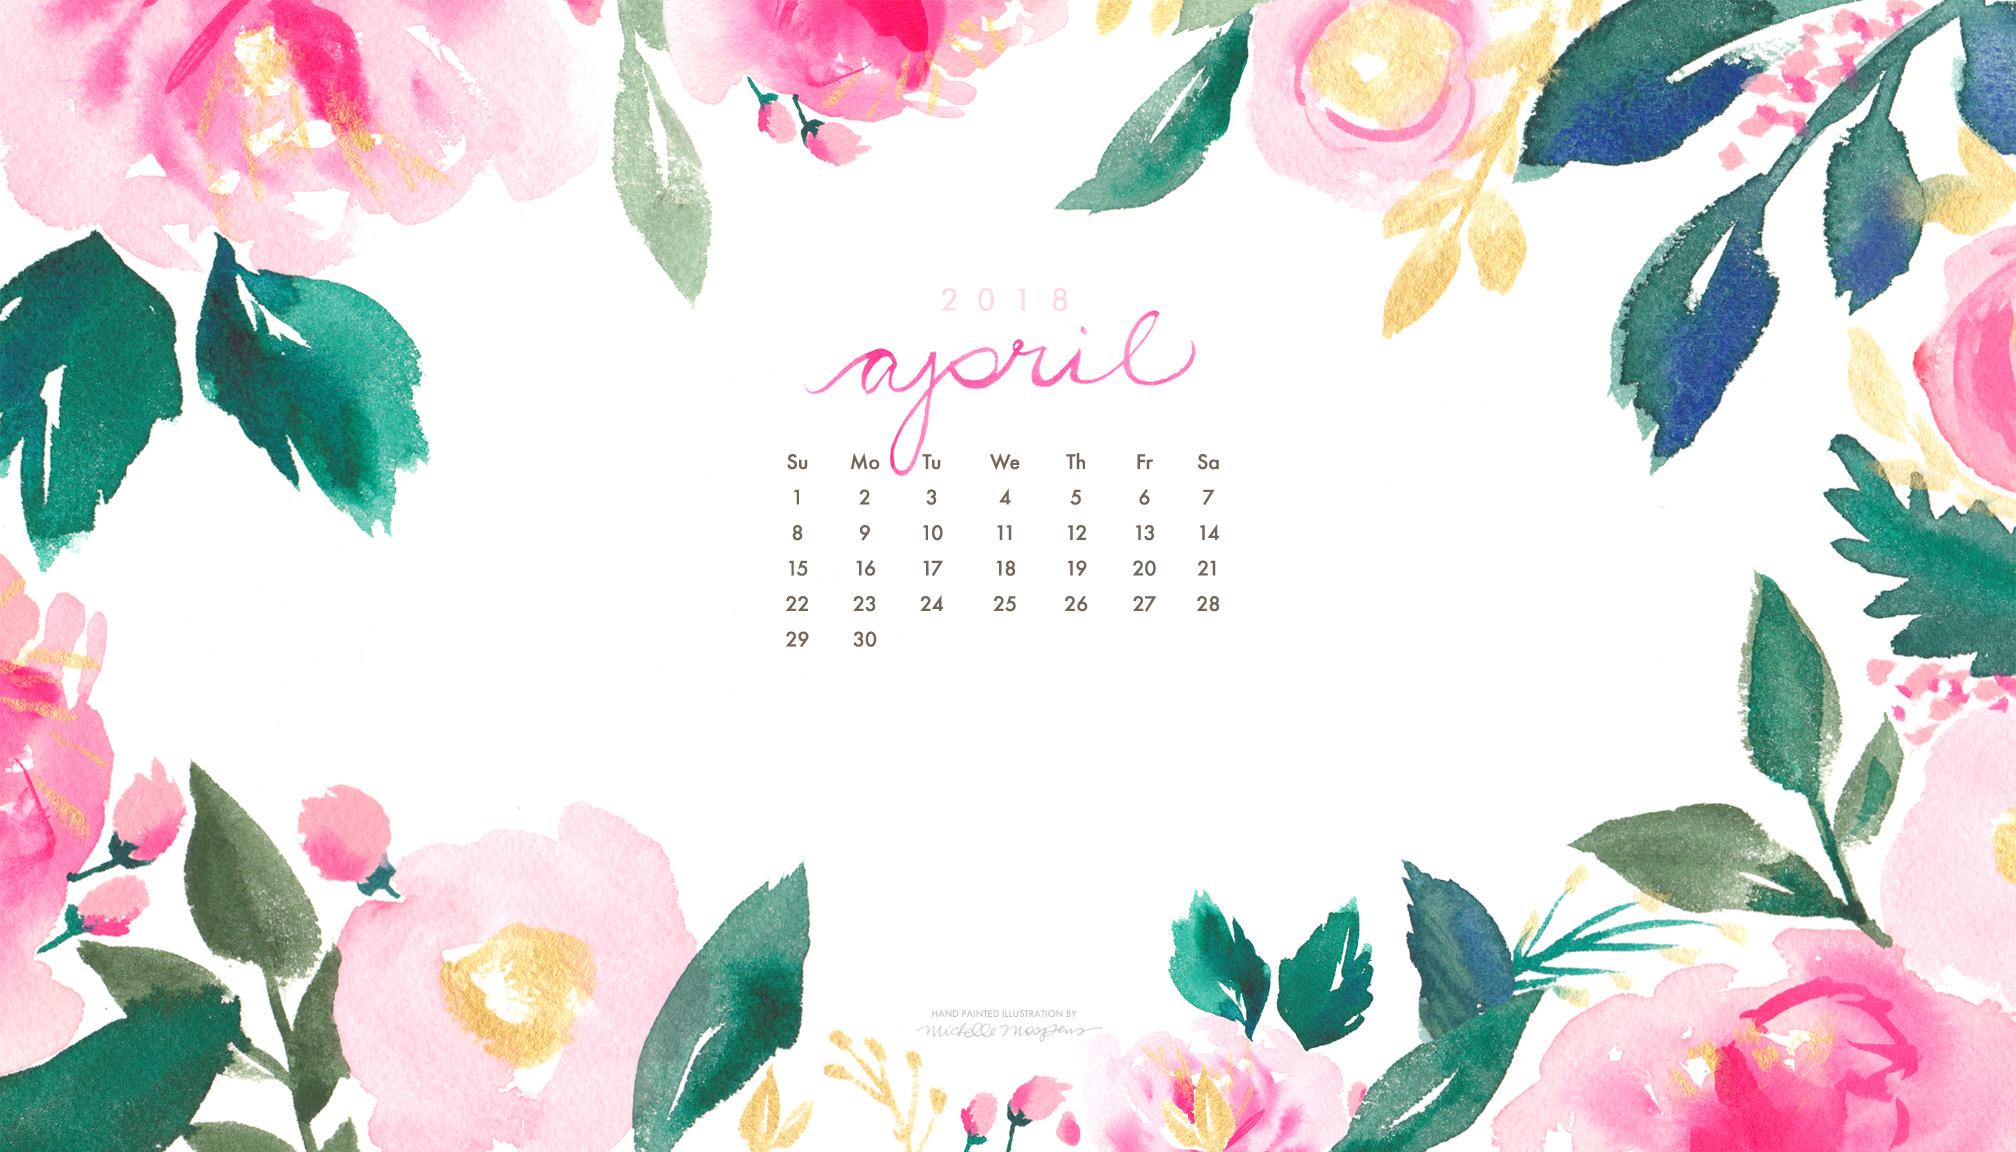 April-2018-wallpaper-calendar